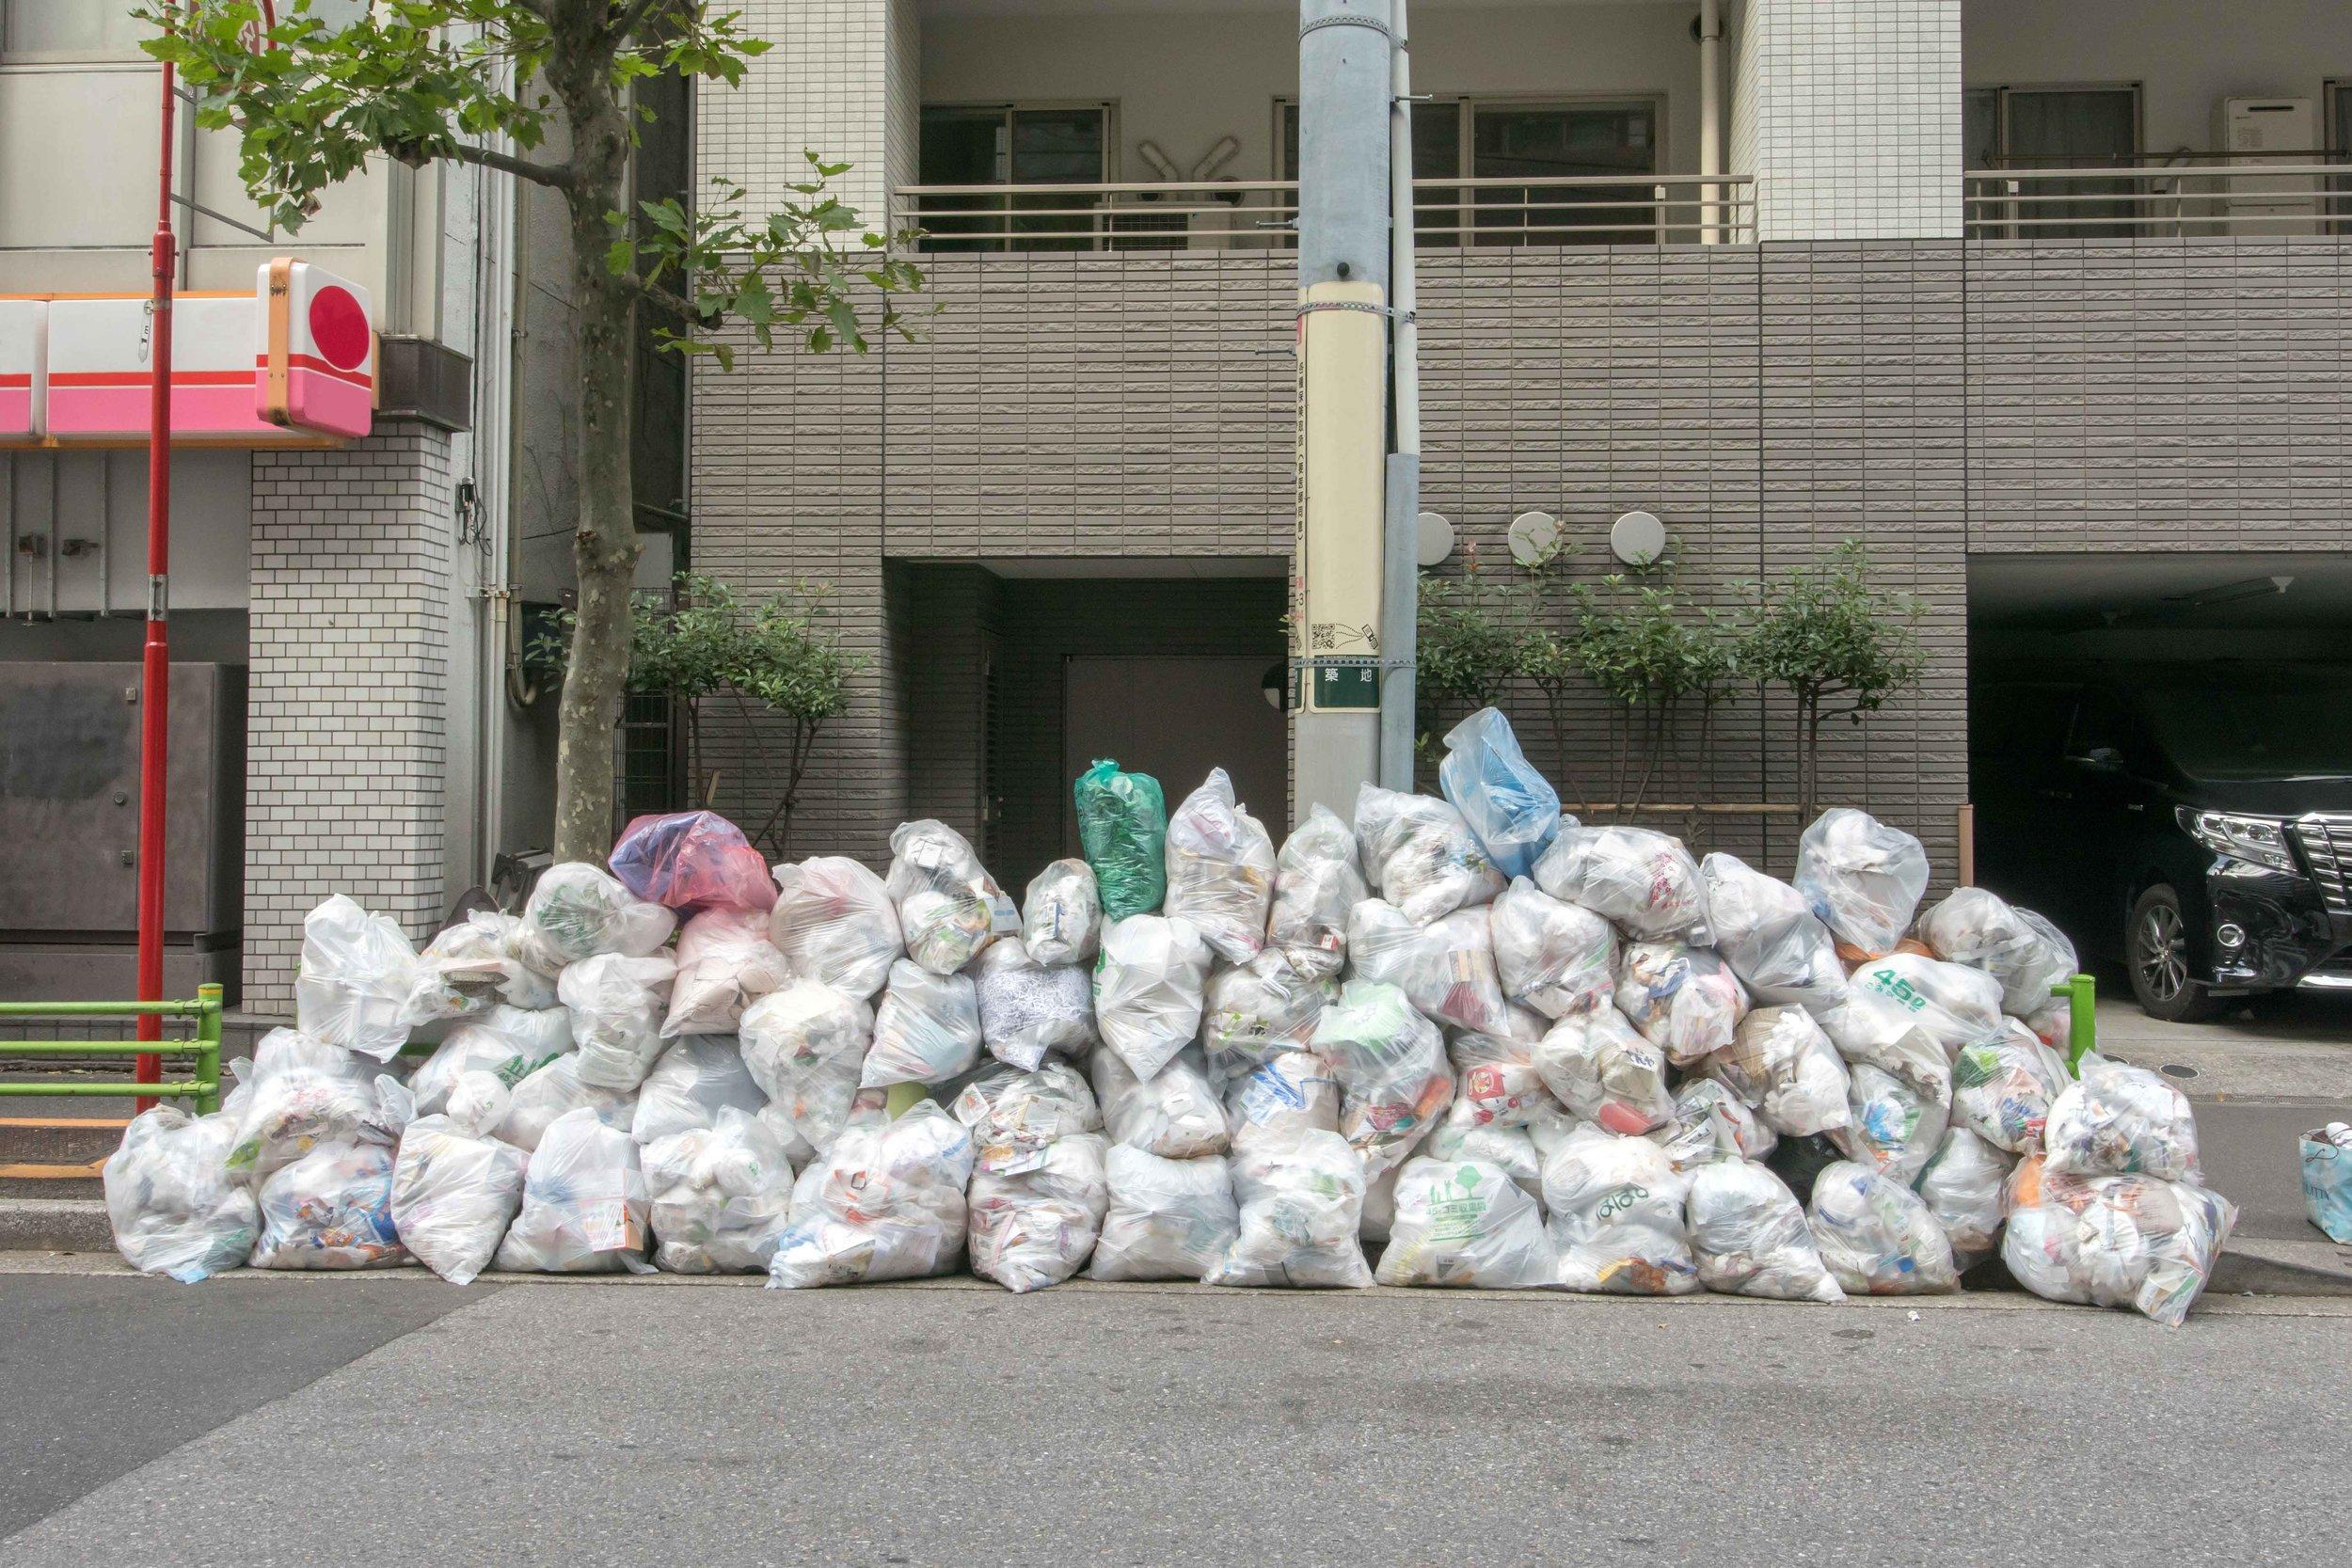 『3』ゴミ置き場・ポストは物件の環境を表している -